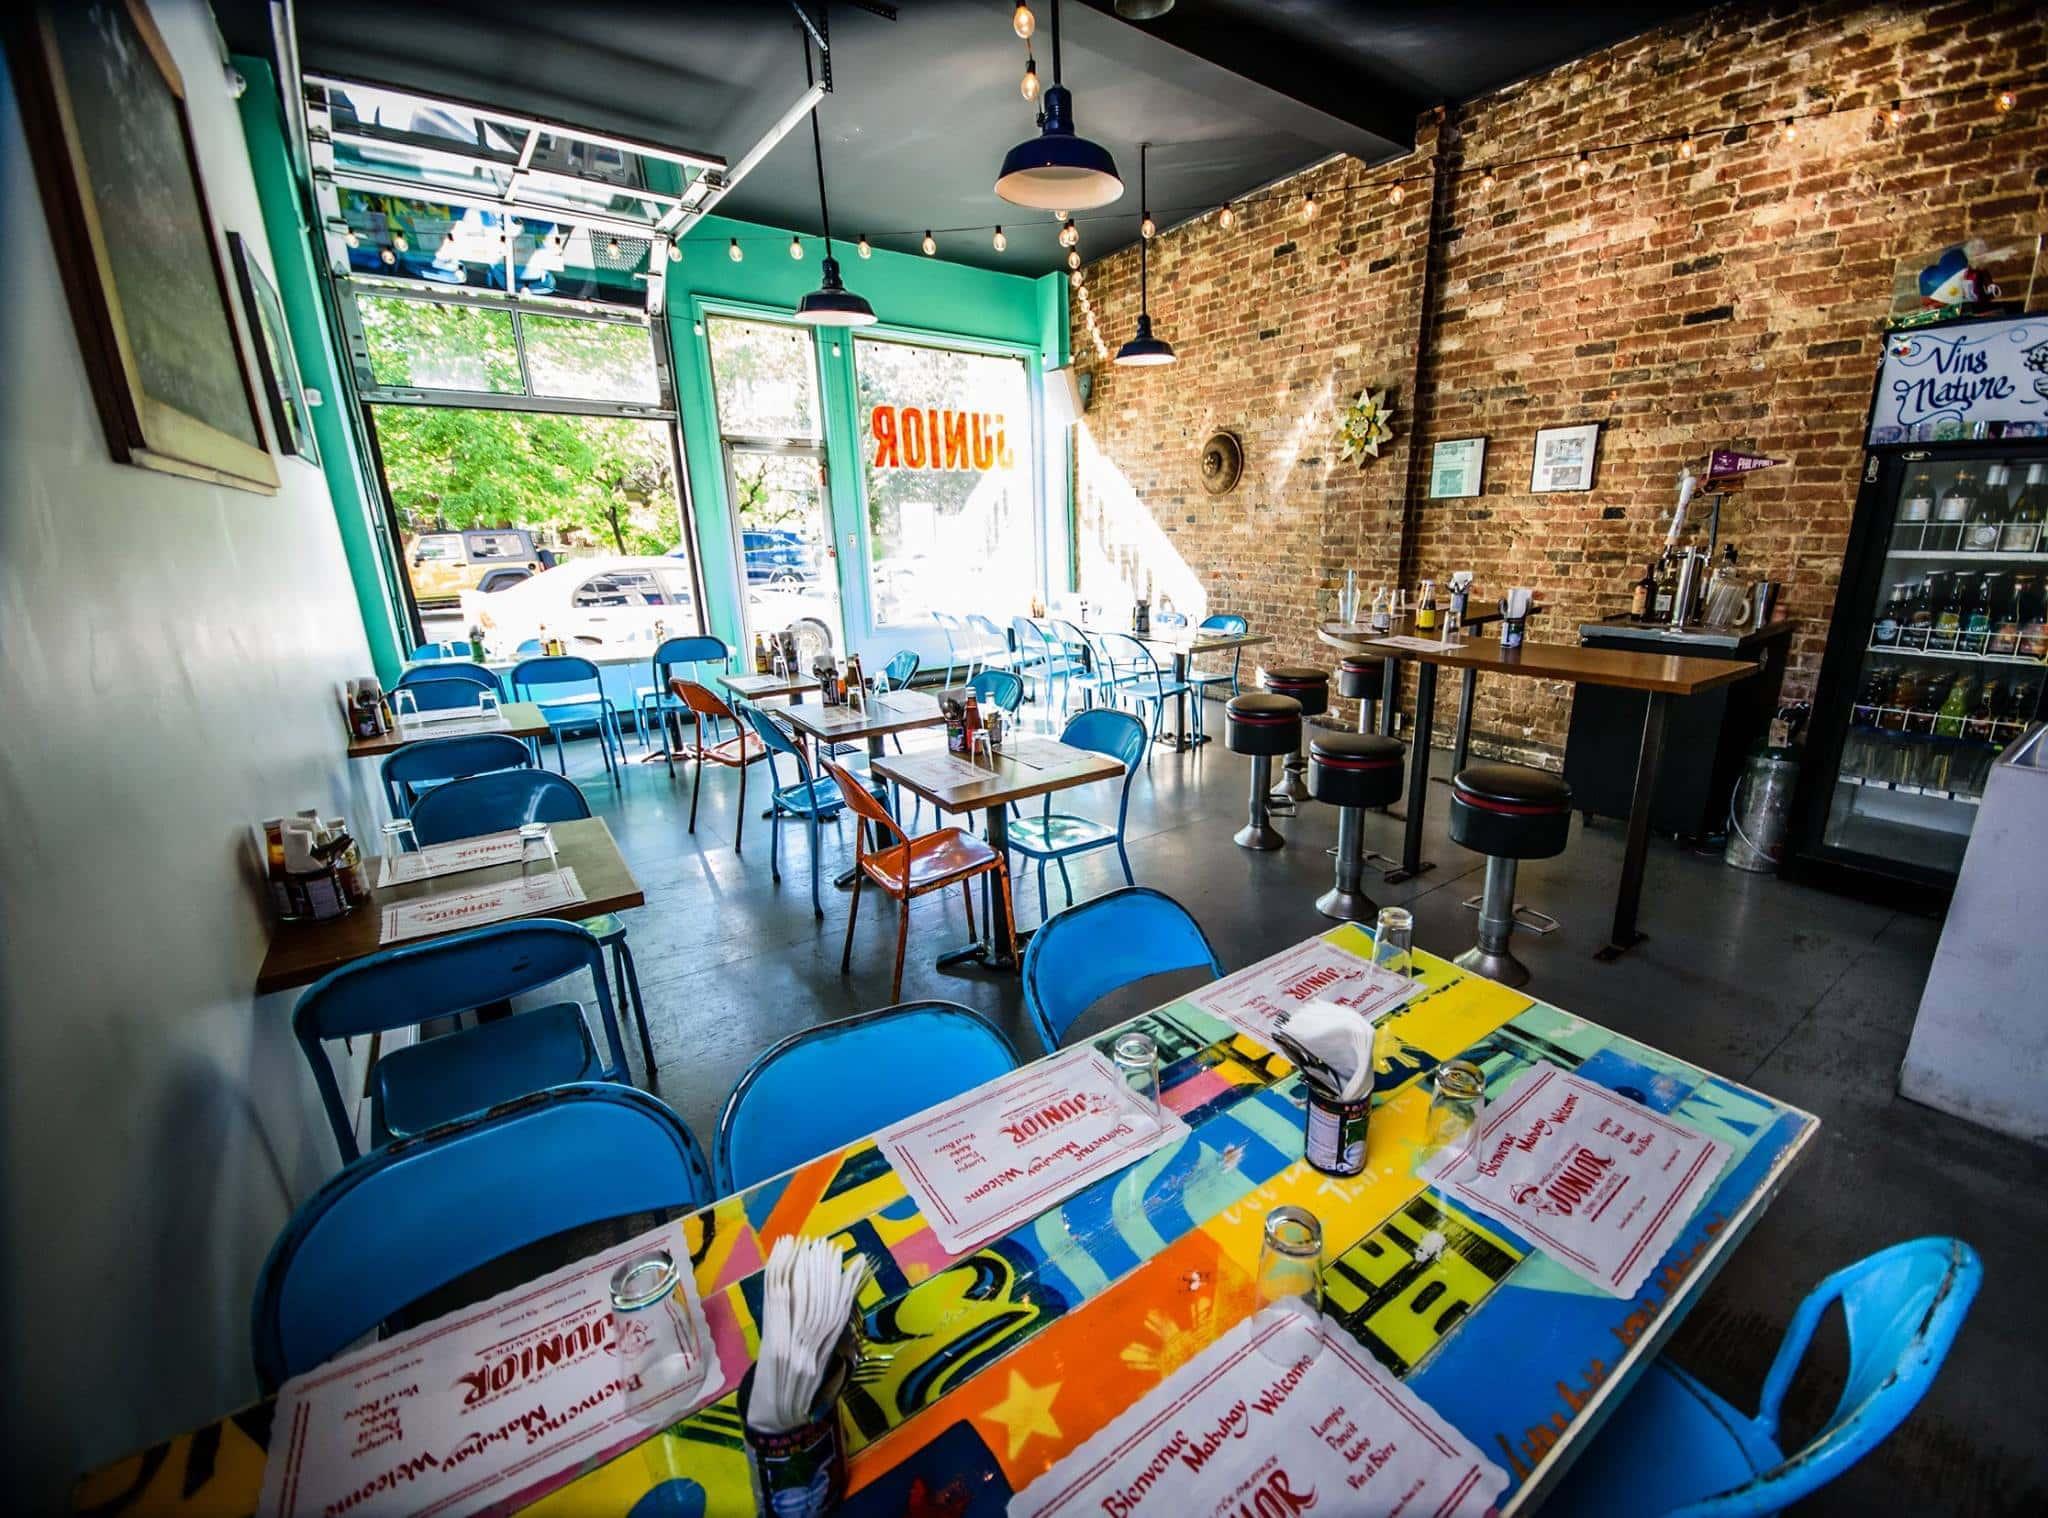 restaurant-philippin-junior-notre-dame-ouest-5